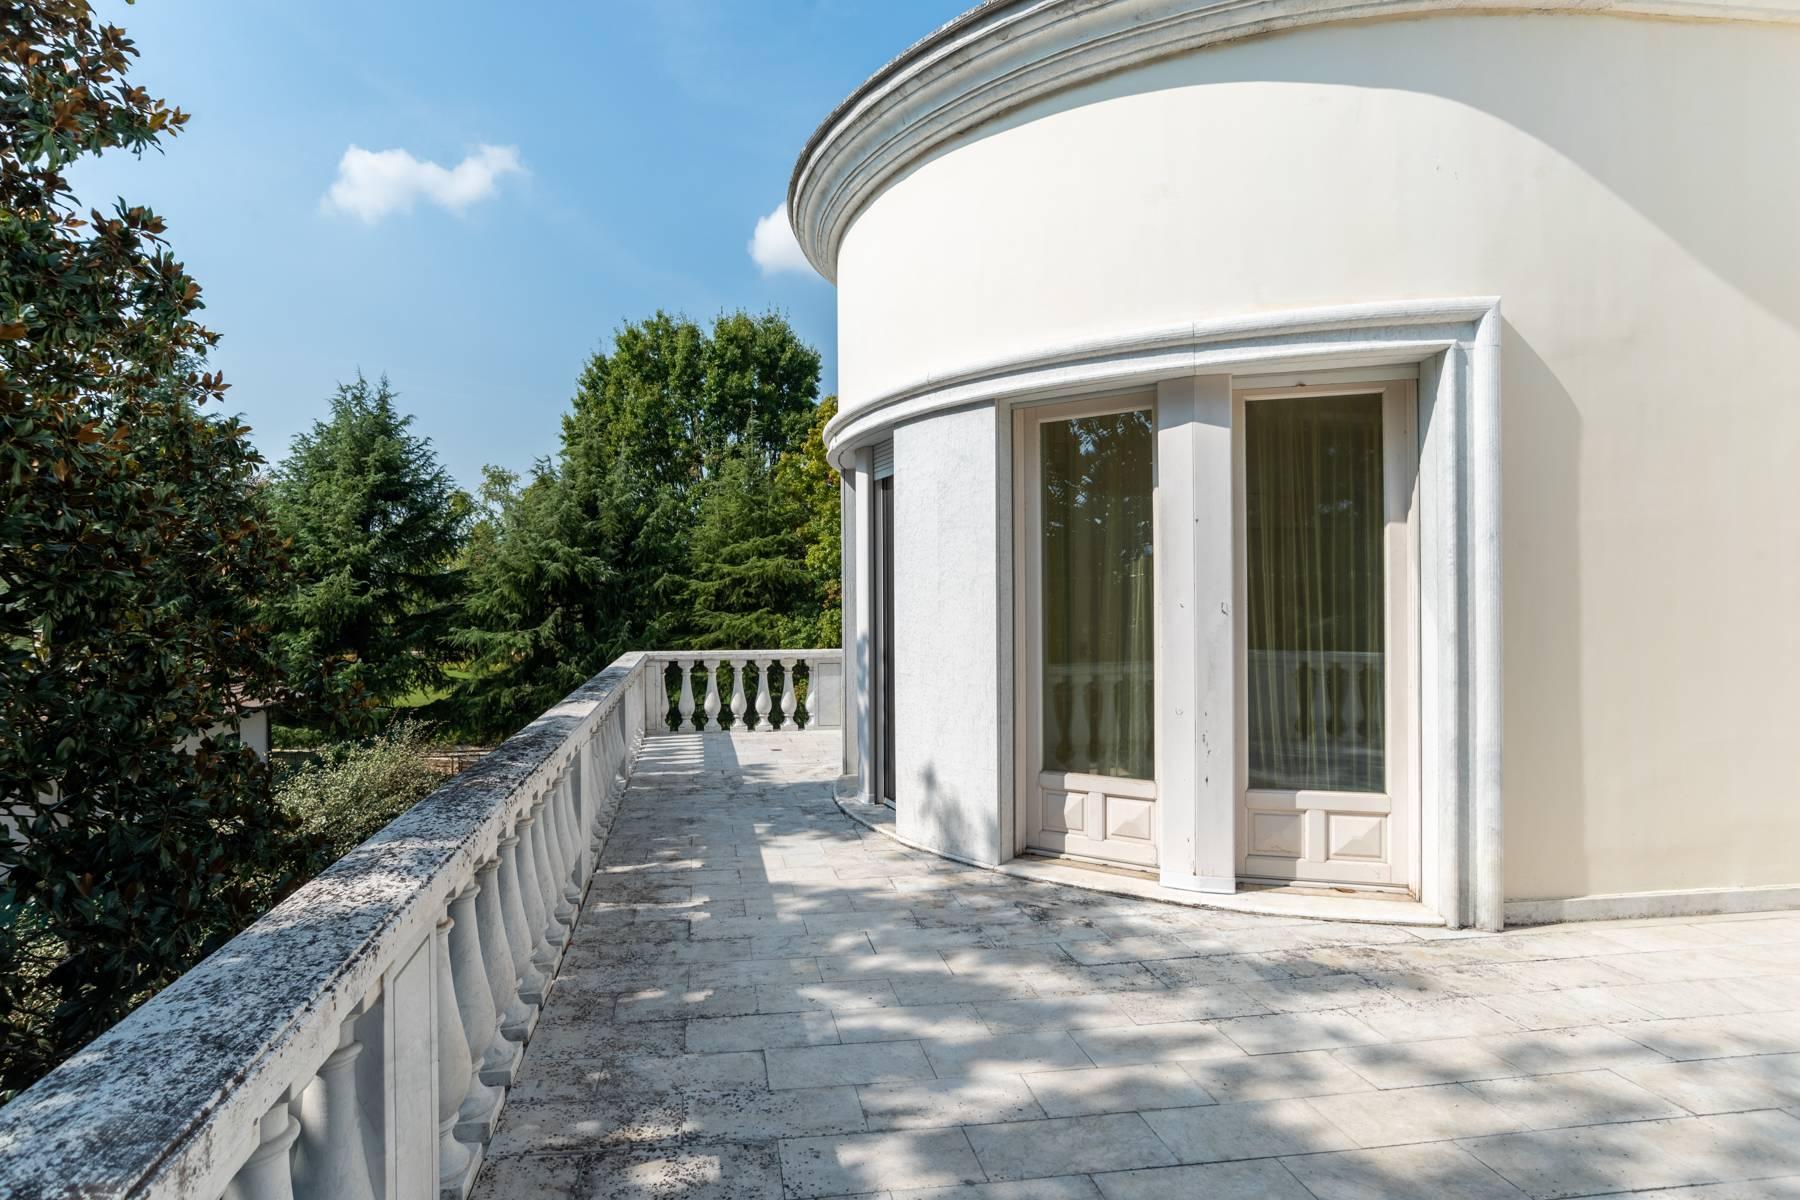 Lussuosa villa neoclassica con ampio parco e piscina - 42